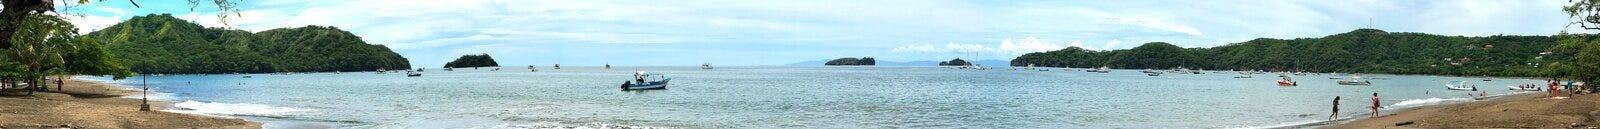 Playa el Pacífico de los Cocos de Costa Rica Fotografía de archivo libre de regalías